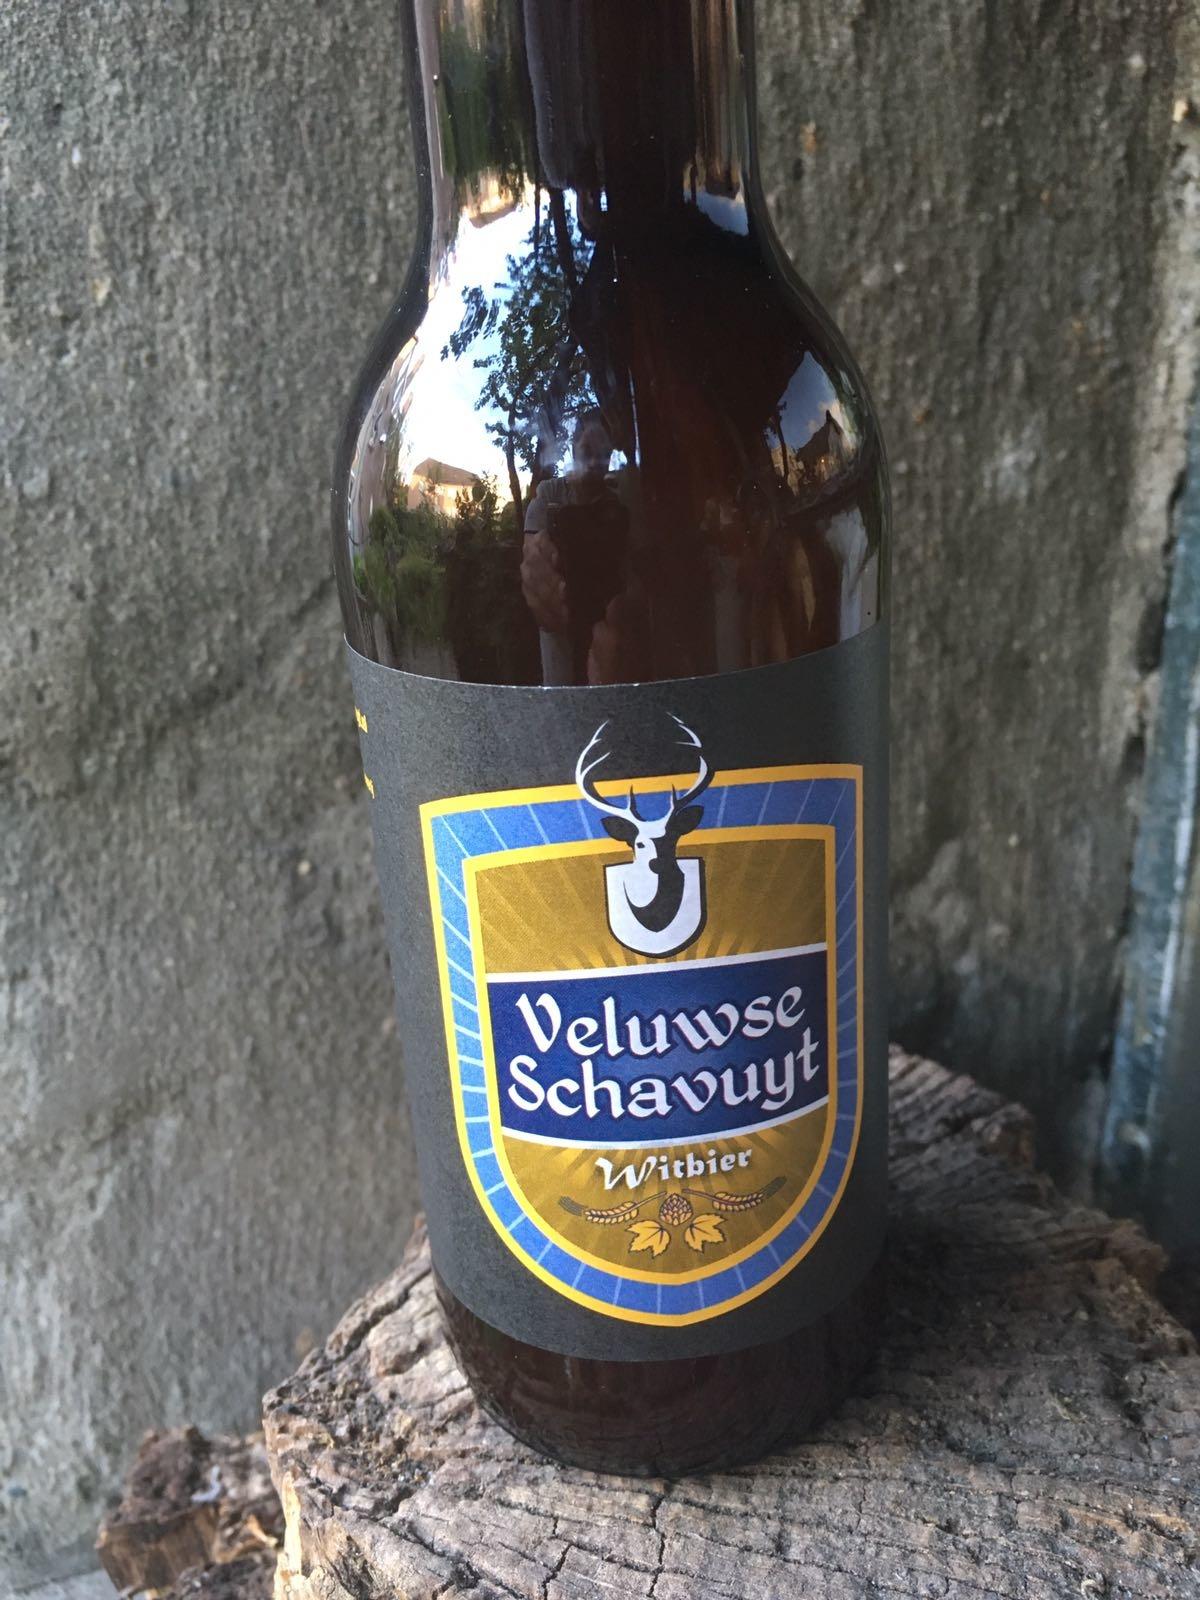 Veluwse Schavuyt Wit Herkomst: Nederland In de eerste kennismaking met de neus ontdek je banaan en kiwi. Voor een witbier is de mondbeleving hoppig. Toch is de mondbeleving ook verfrissend en dorstlessend. De Veluwse Schavuyt is afkomstig van de enige brouwerij van de Veluwe, De Vlijt. In deze brouwerij wordt wekelijks 3000 liter ambachtelijk bier gebrouwen. Het bier bevat een alcoholpercentage van 5% Advies serveertemperatuur 5 graden.